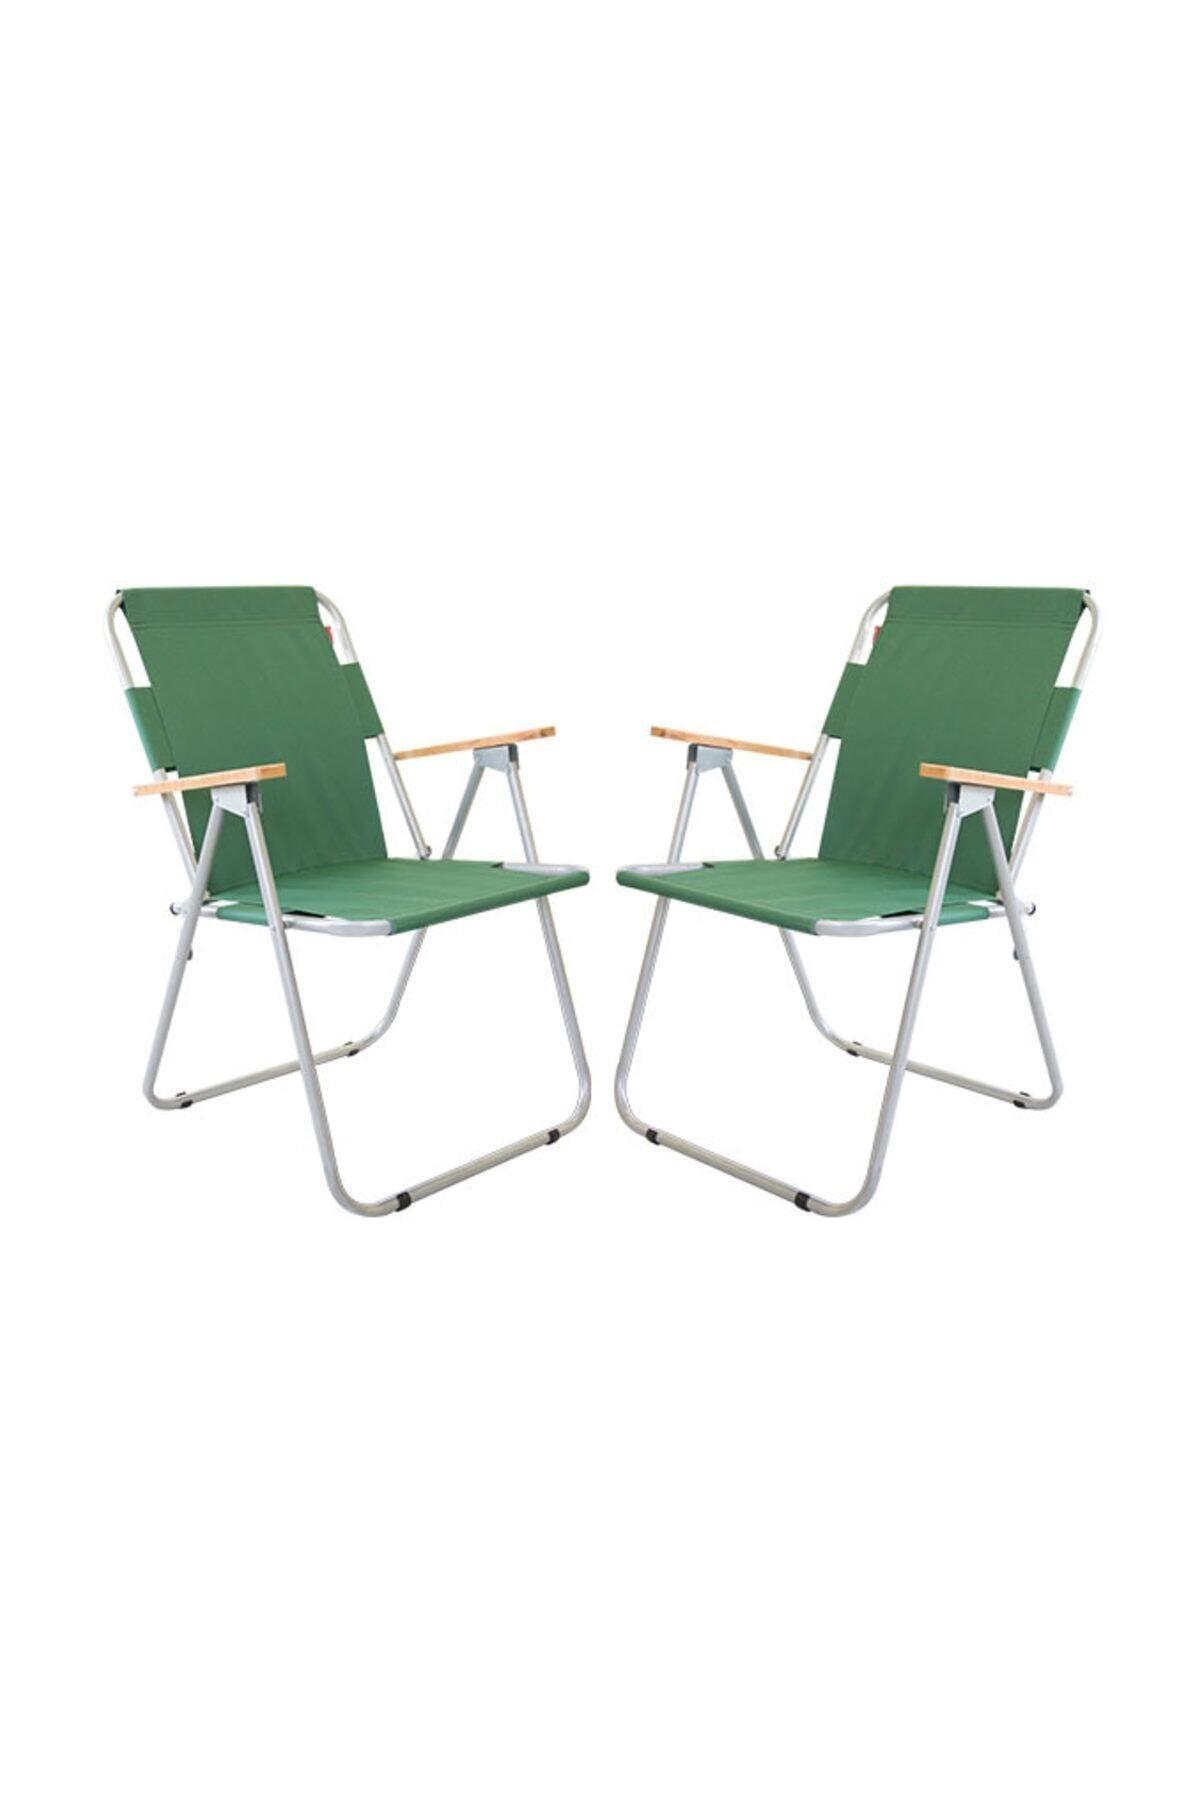 Bofigo 2 Adet Katlanır Sandalye Kamp Sandalyesi Balkon Sandalyesi Katlanabilir Piknik ve Bahçe Sandalyesi Yeşil